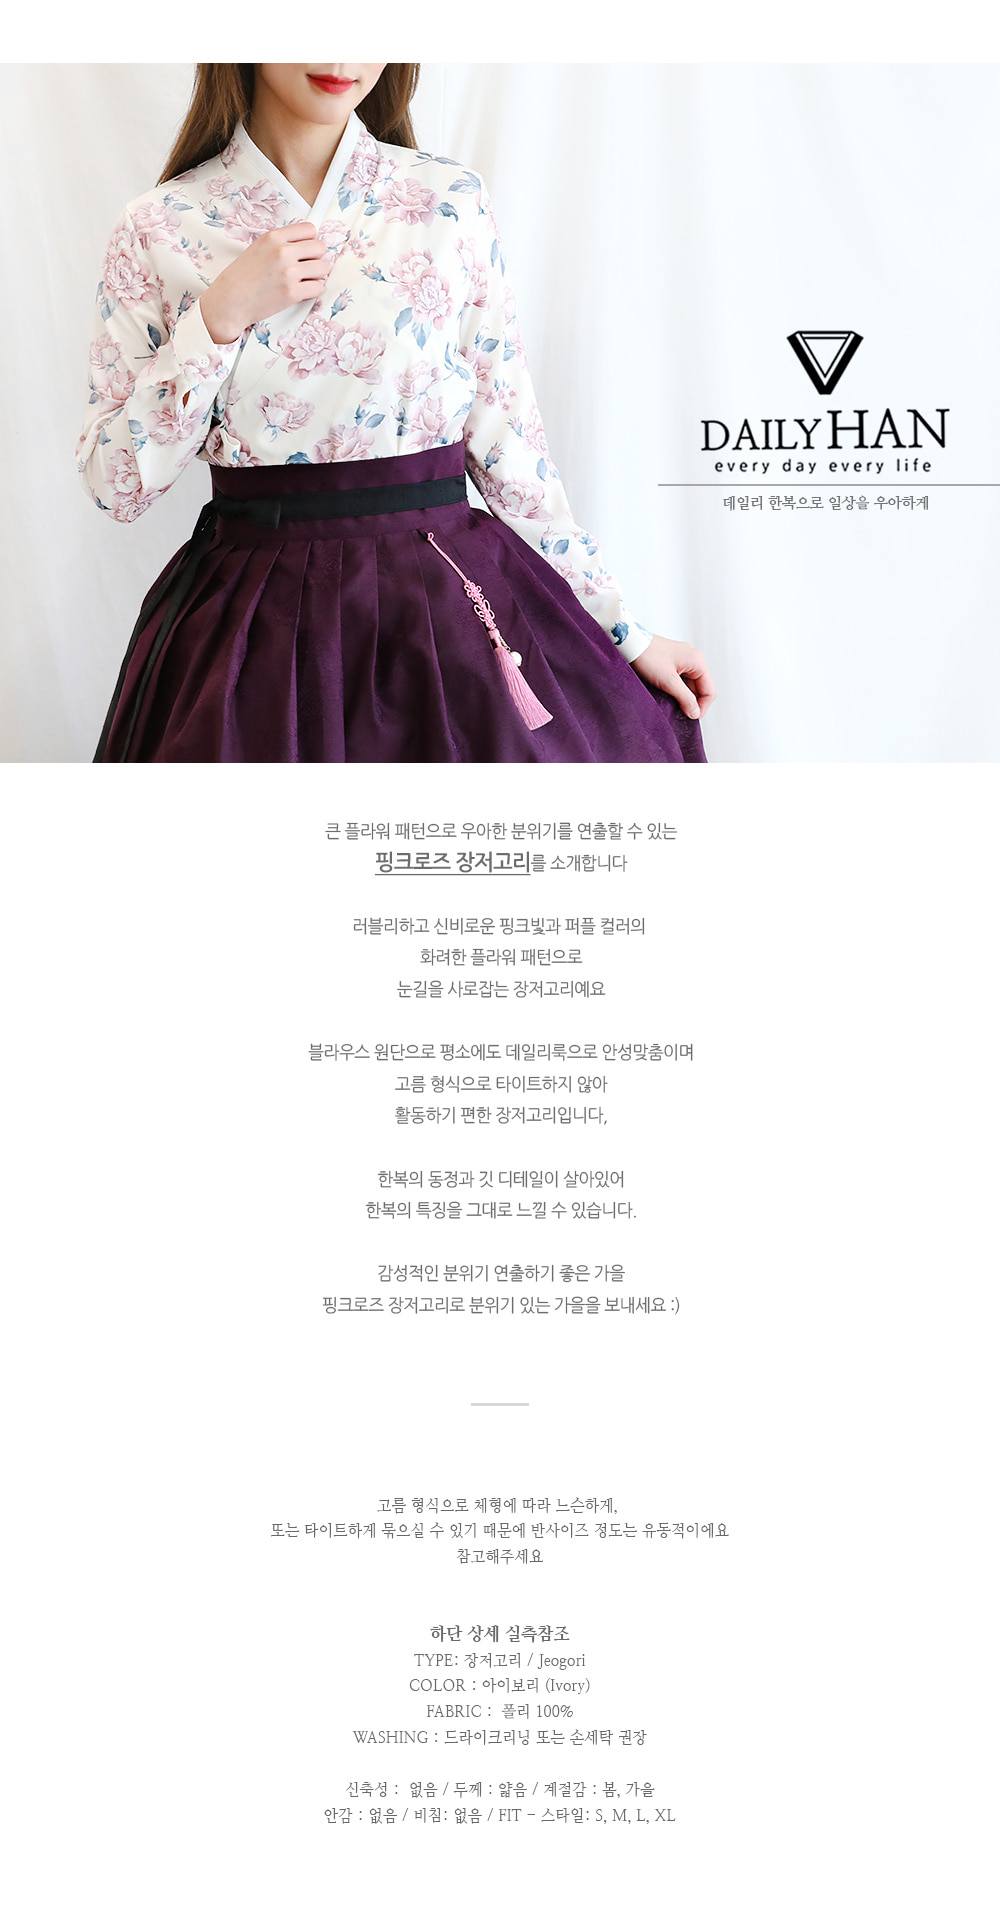 핑크로즈 장저고리(아이보리)78,000원-데일리한패션의류, 생활한복, 생활한복, 여성한복바보사랑핑크로즈 장저고리(아이보리)78,000원-데일리한패션의류, 생활한복, 생활한복, 여성한복바보사랑